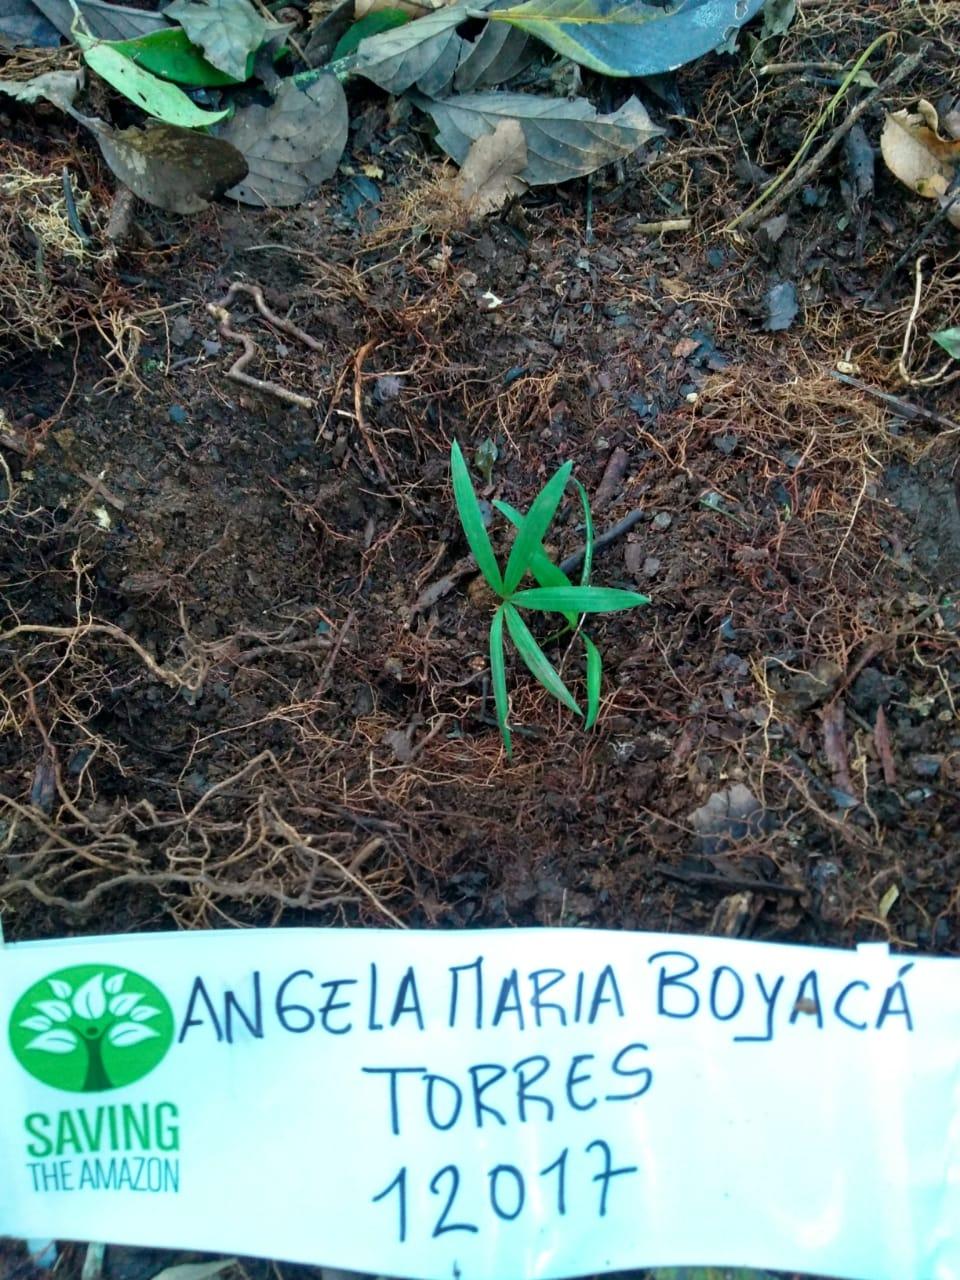 Angela Maria BOYACÁ TORRES